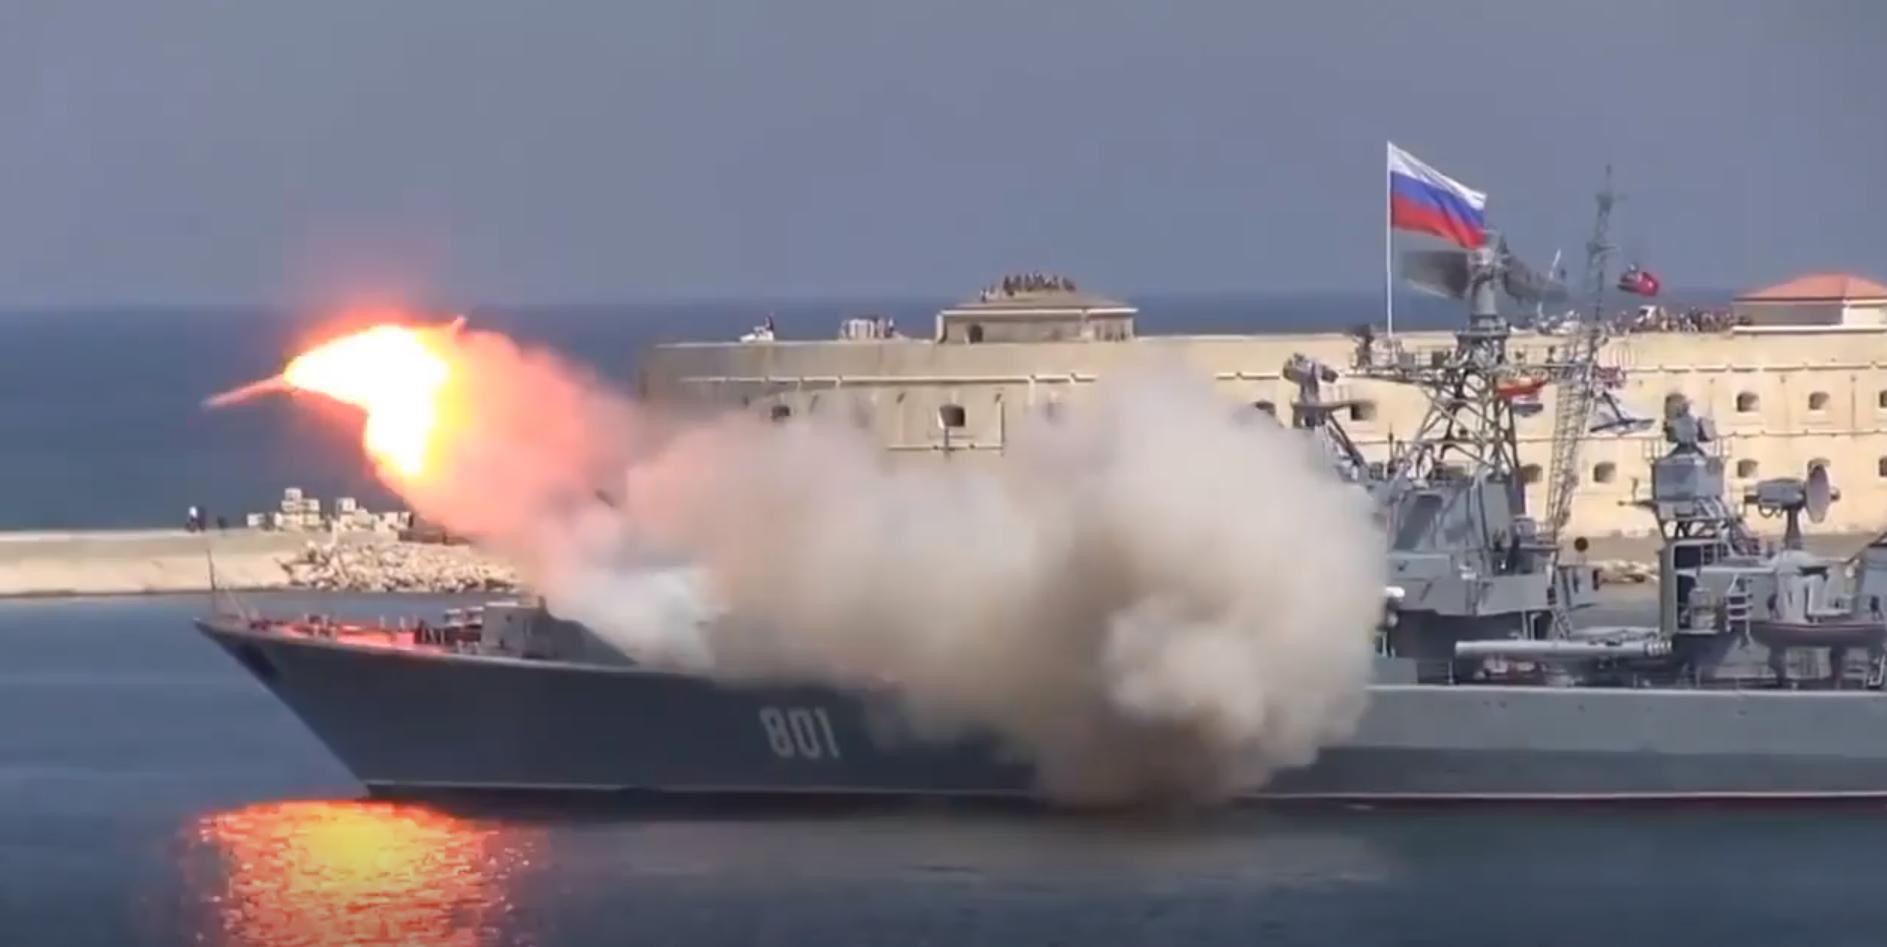 Pin De Uo Oªo Oµuo O En Cable Armada Rusa Rusia Armada